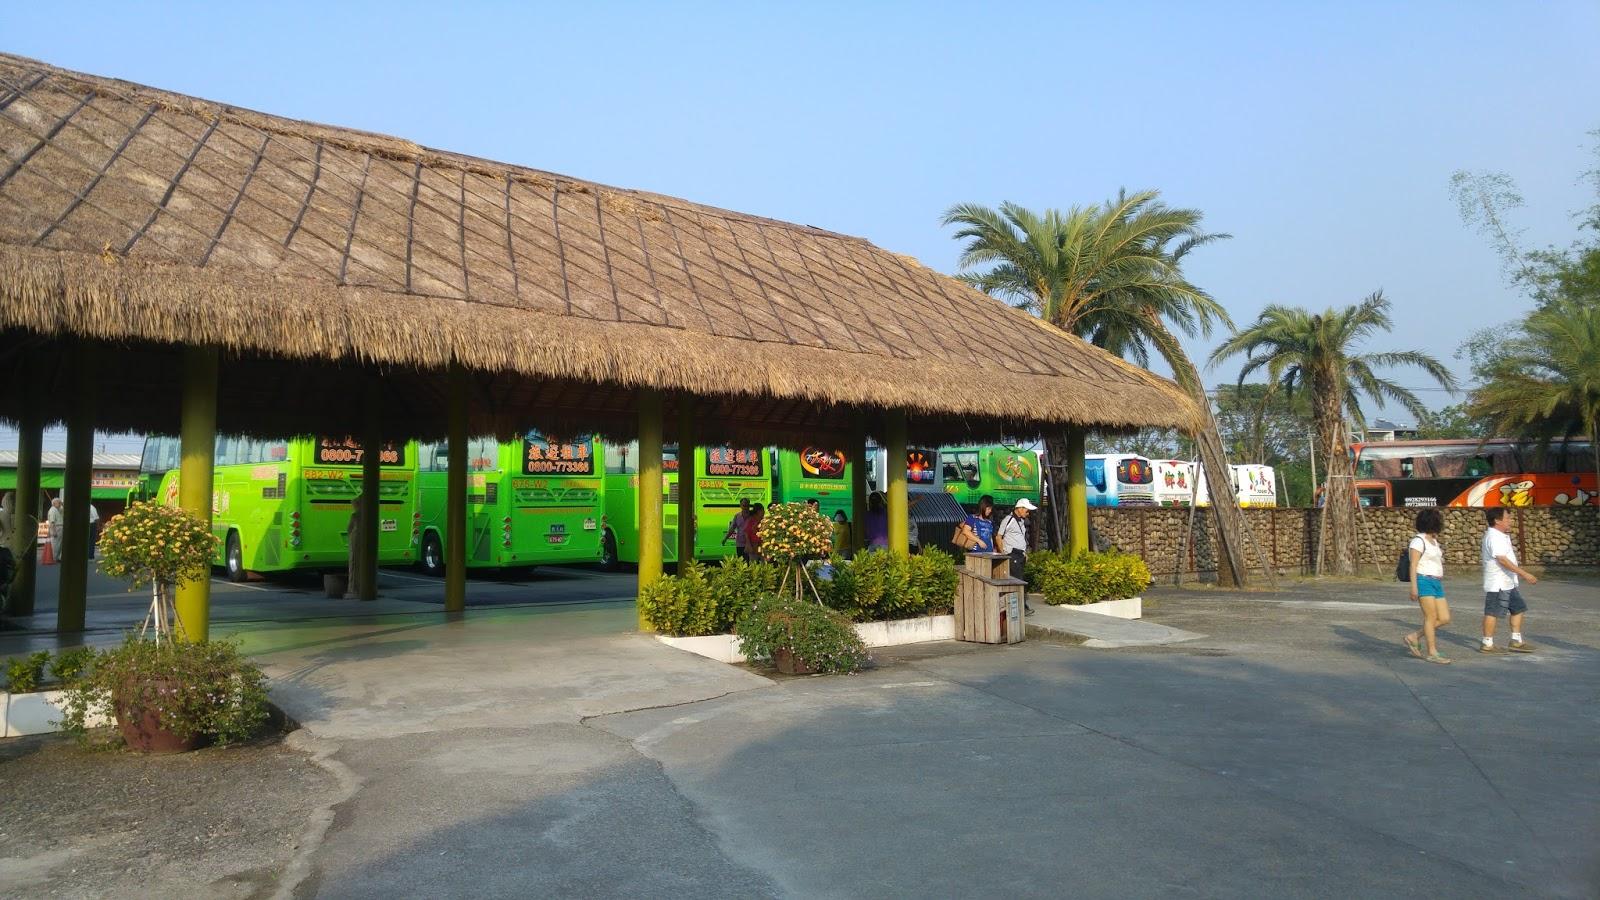 雲林斗六《雅聞峇里海岸觀光工廠》南洋島嶼風情沙灘,讓小孩快樂地遊戲玩沙!